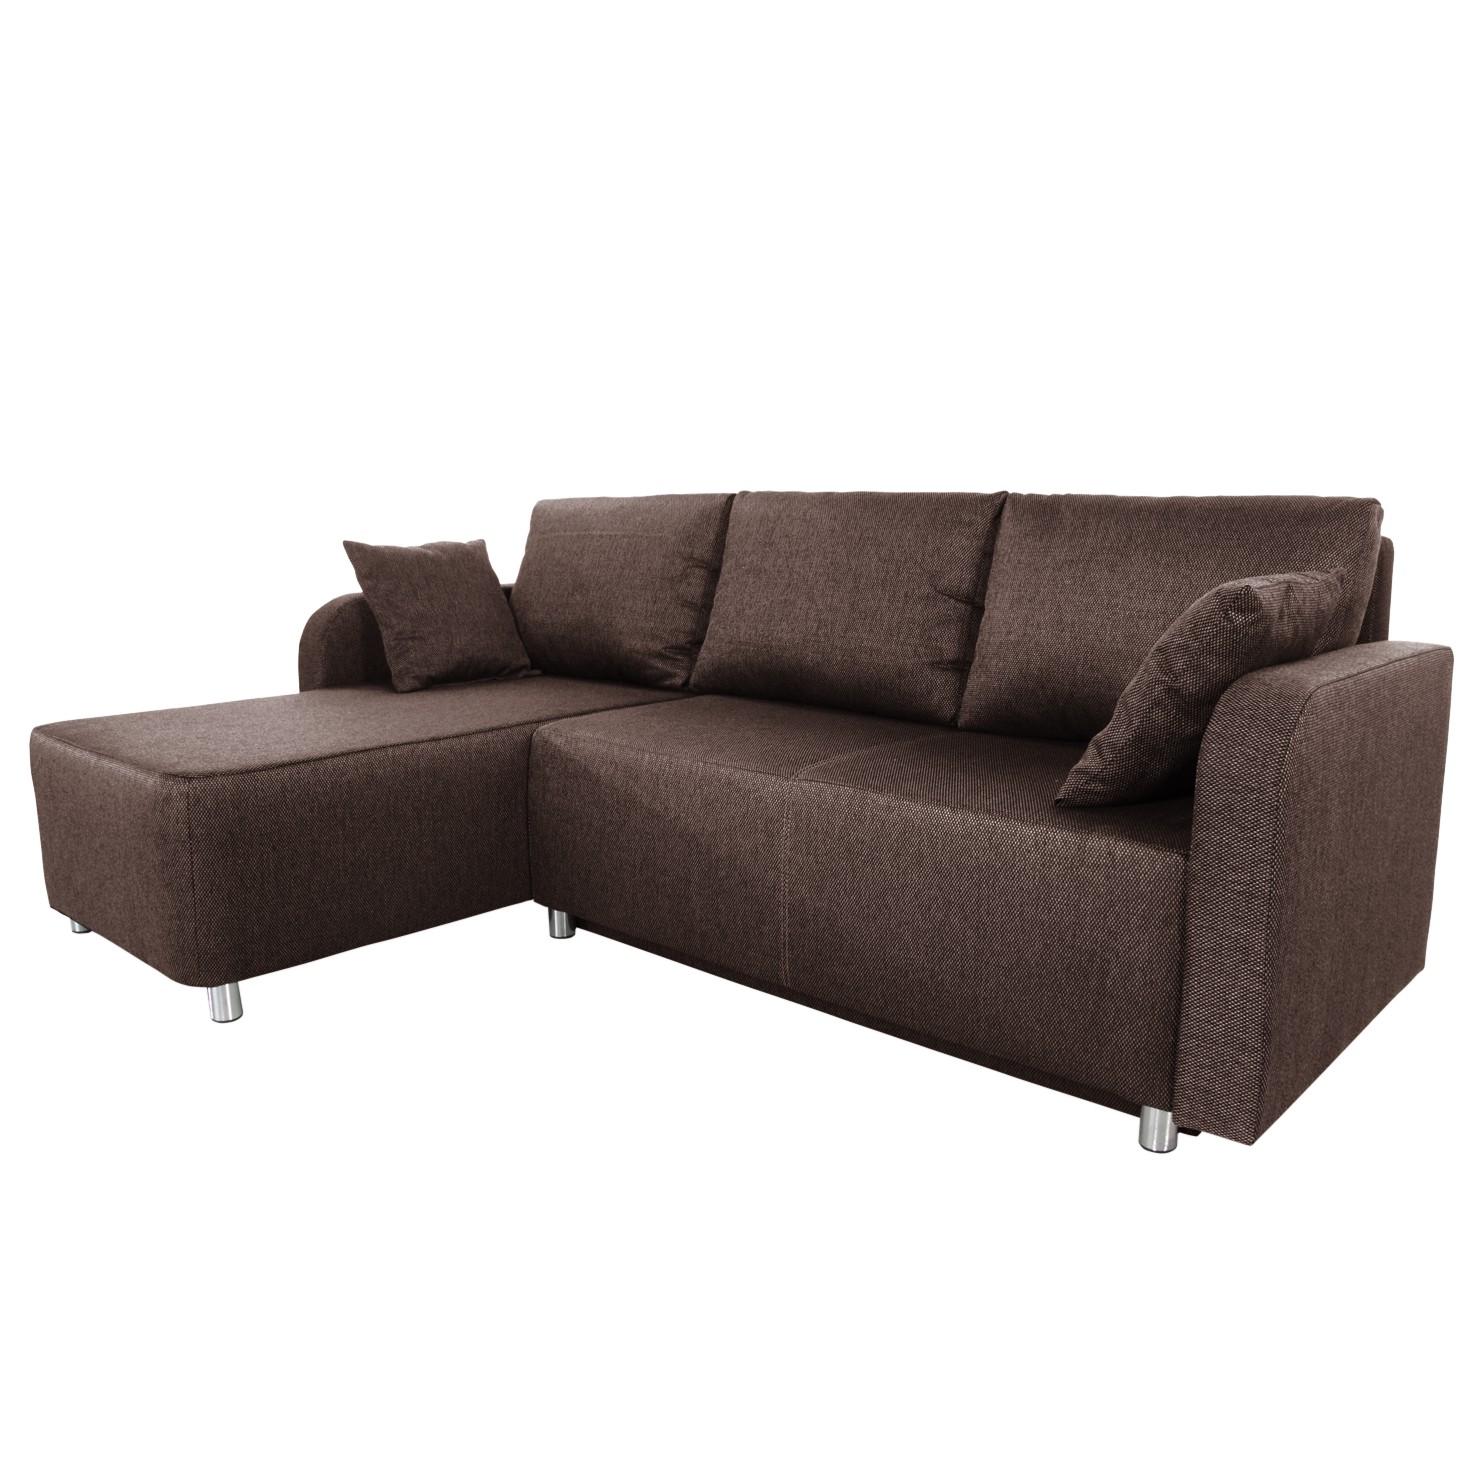 goedkoop Hoekbank Tetony met slaapfunctie microvezelstof longchair aan beide zijkanten monteerbaar Bruin Home Design